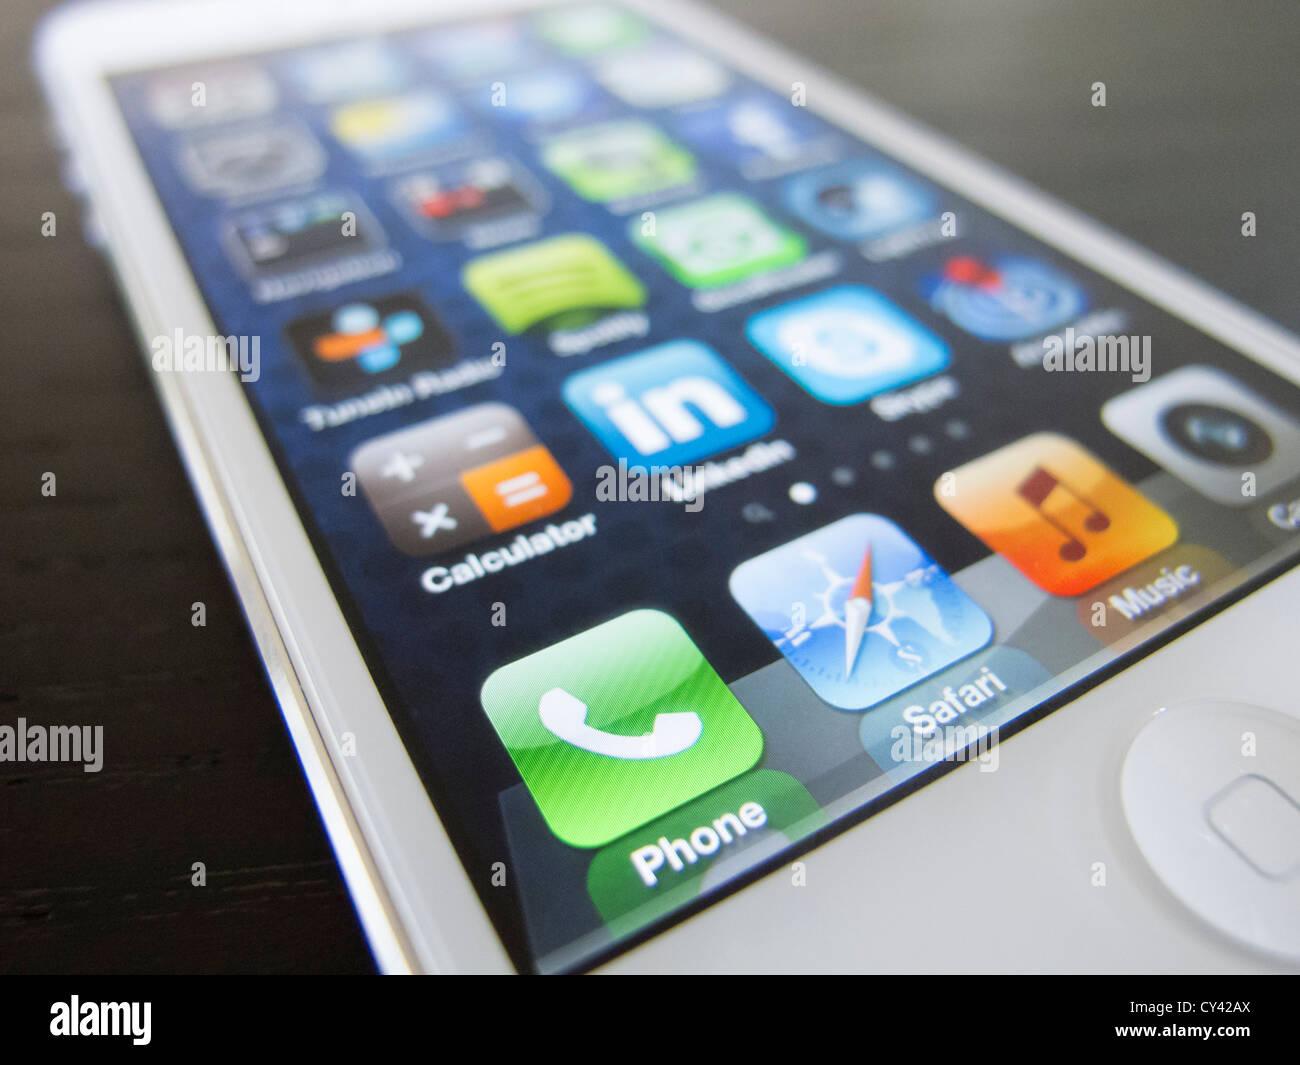 Détail de nouvel iPhone5 smart phone écran montrant de nombreuses applications de l'écran d'accueil Photo Stock